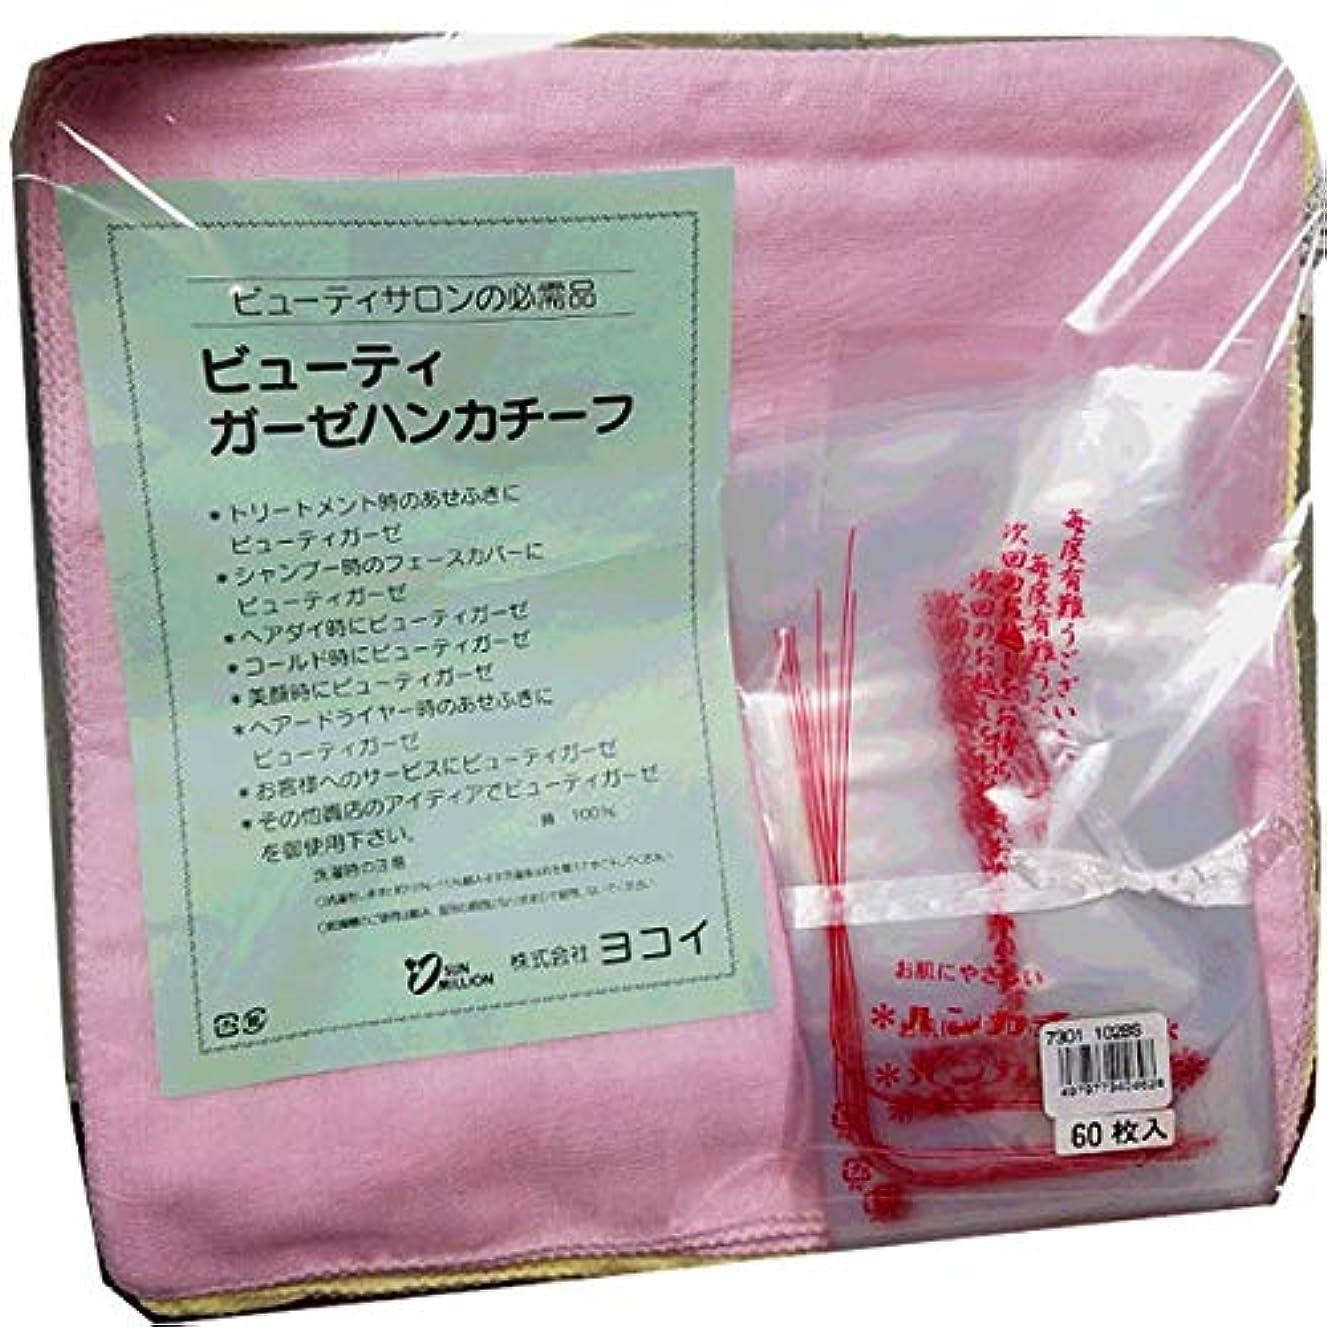 微視的実際に質素なヨコイ フェイスガーゼ メロー 5ダース(60枚入) ピンク?ブルー?イエロー3色 131BS